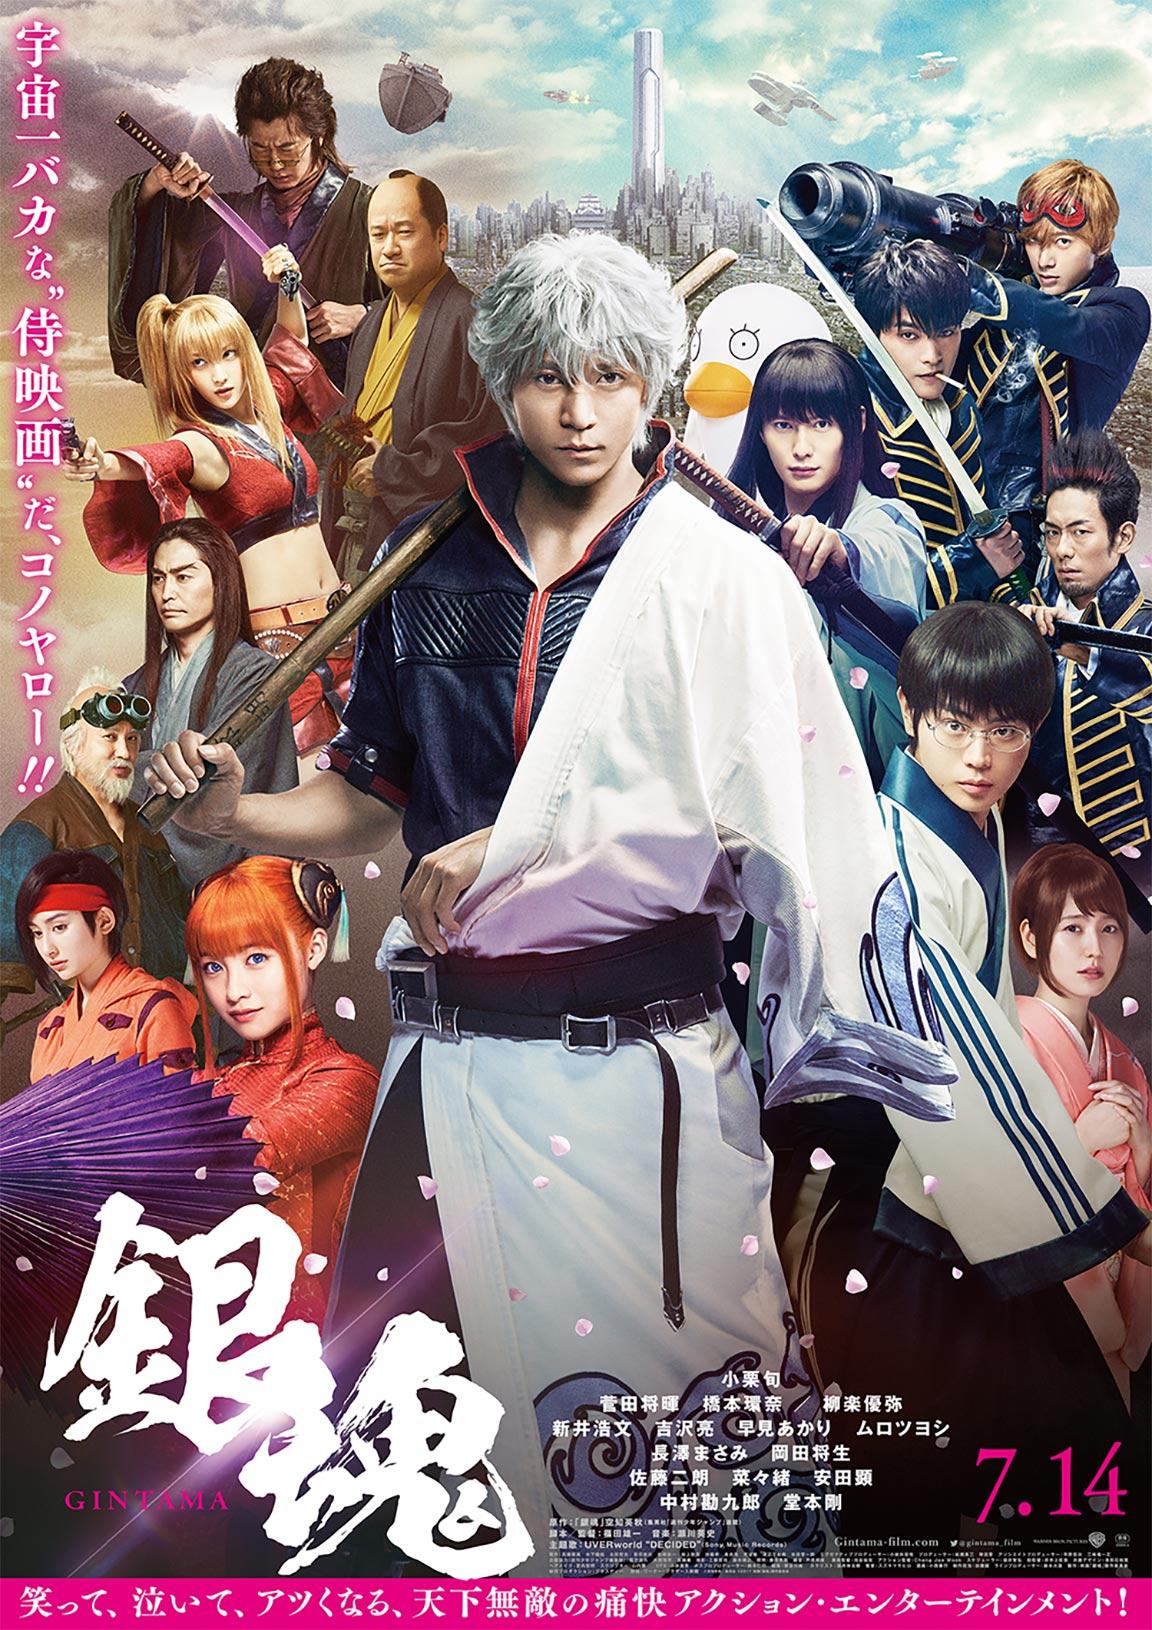 Gintama Poster #1